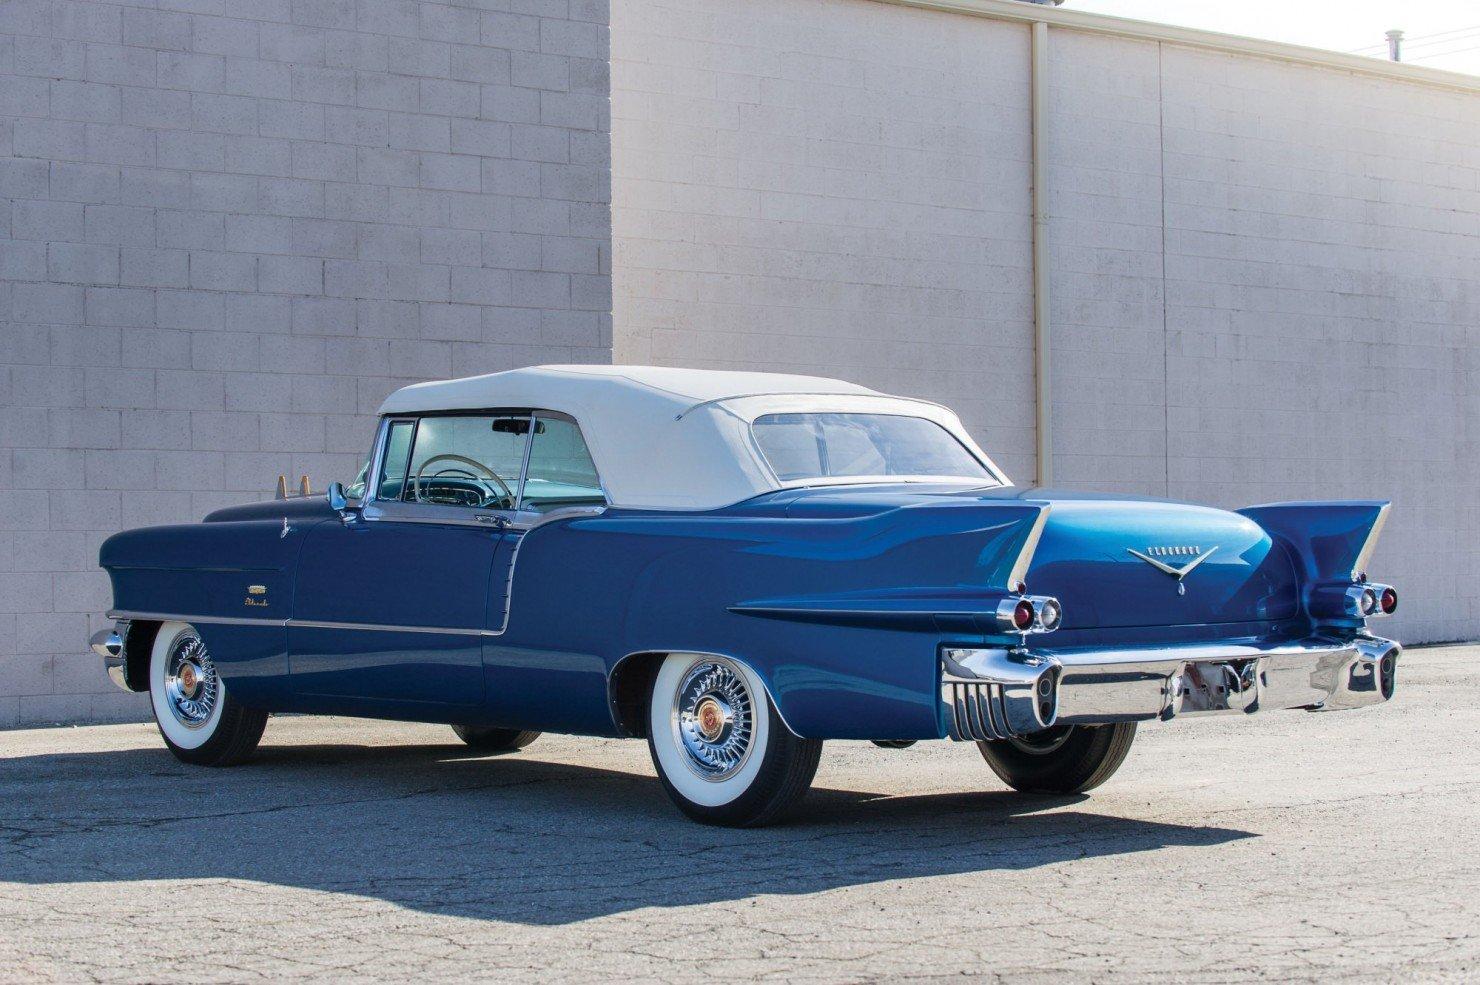 Cadillac-Eldorado-Car-23